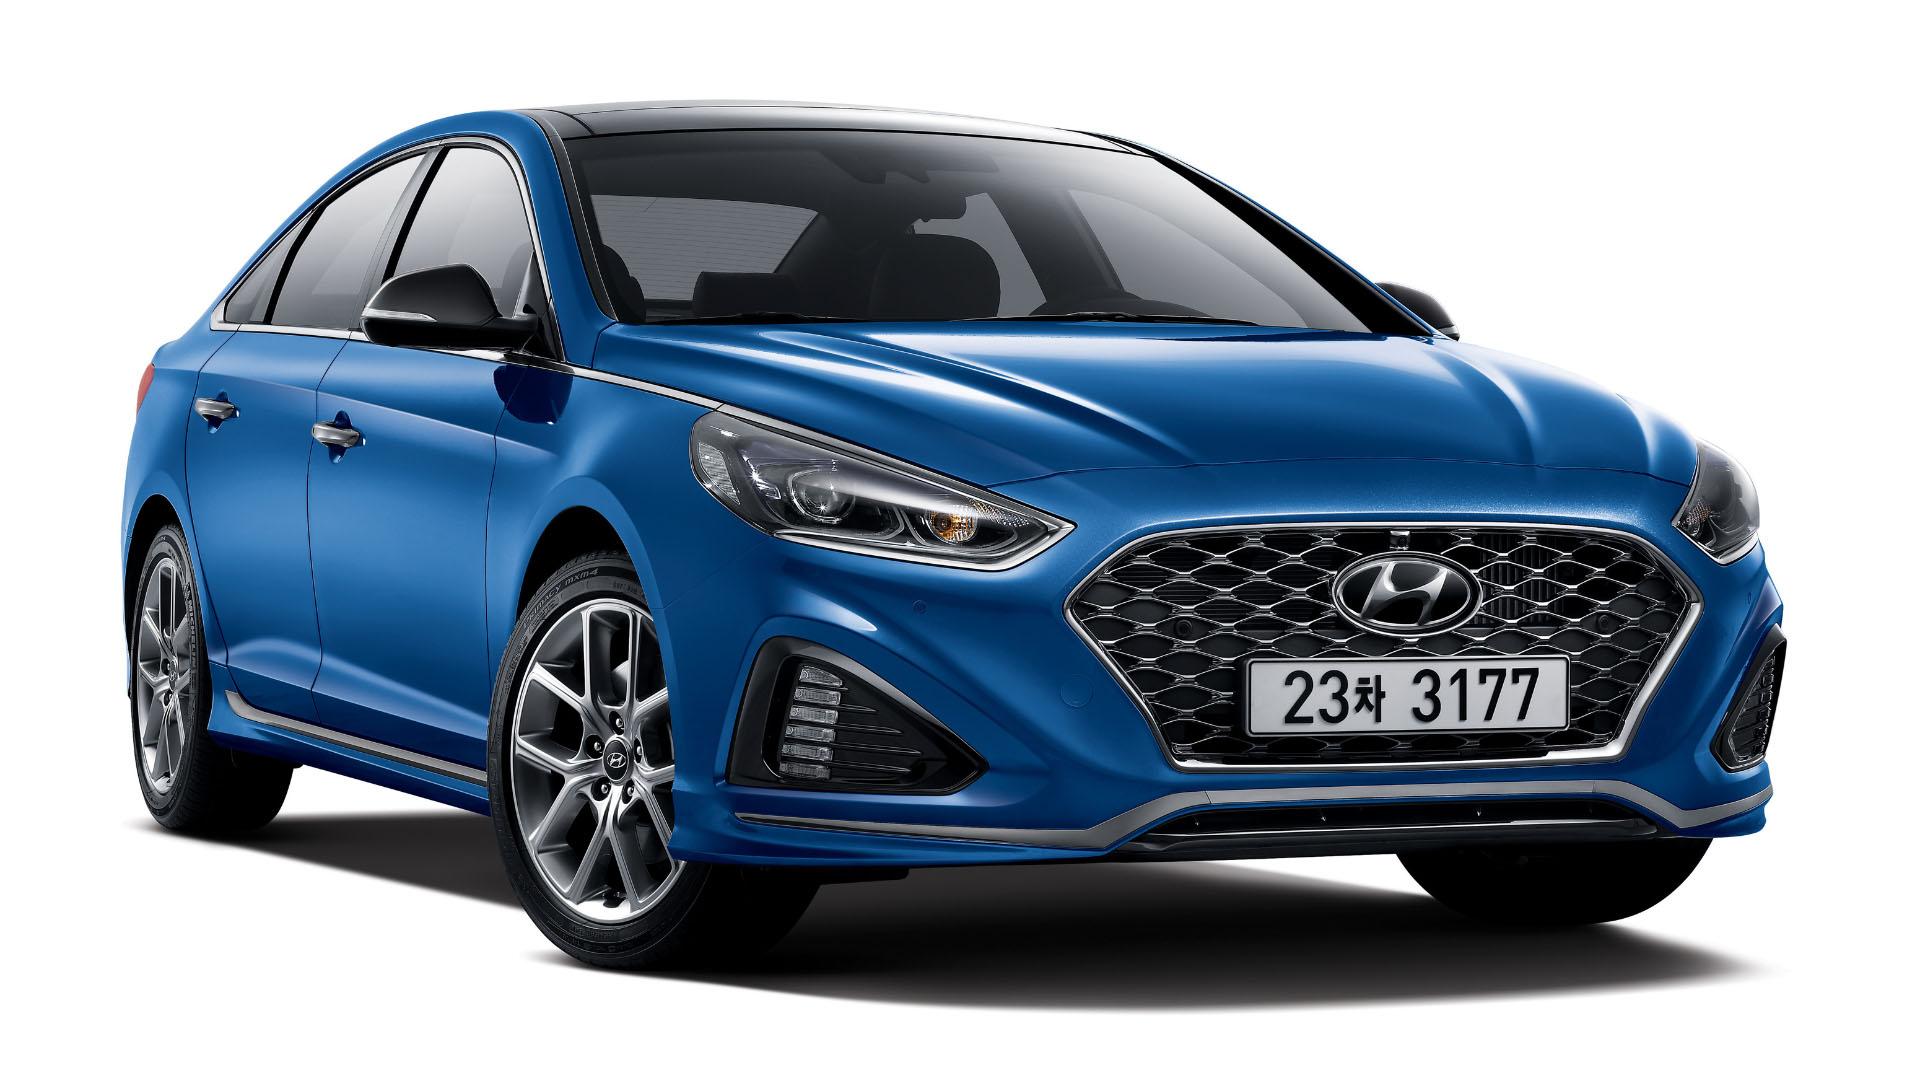 2017 Hyundai Sonata - Korean Market (1)